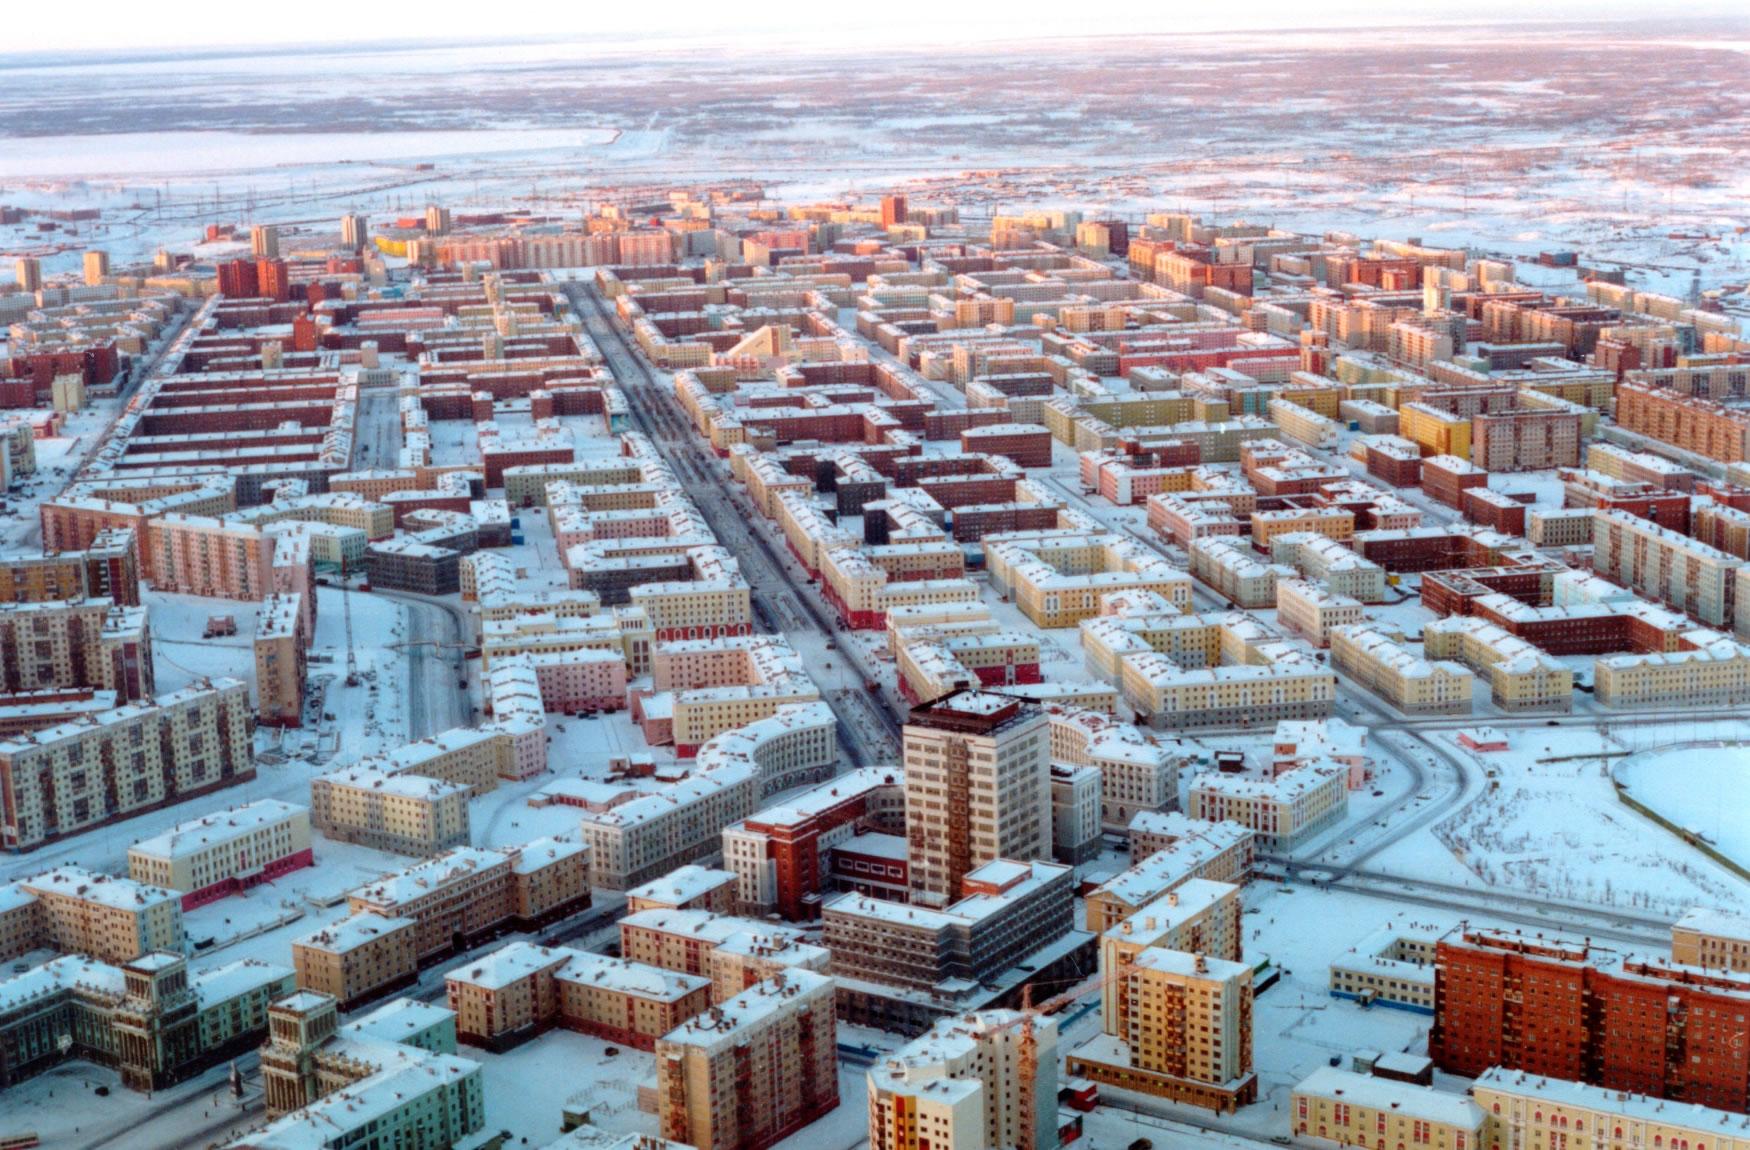 Норилск - най-северният град на планетата (снимки)